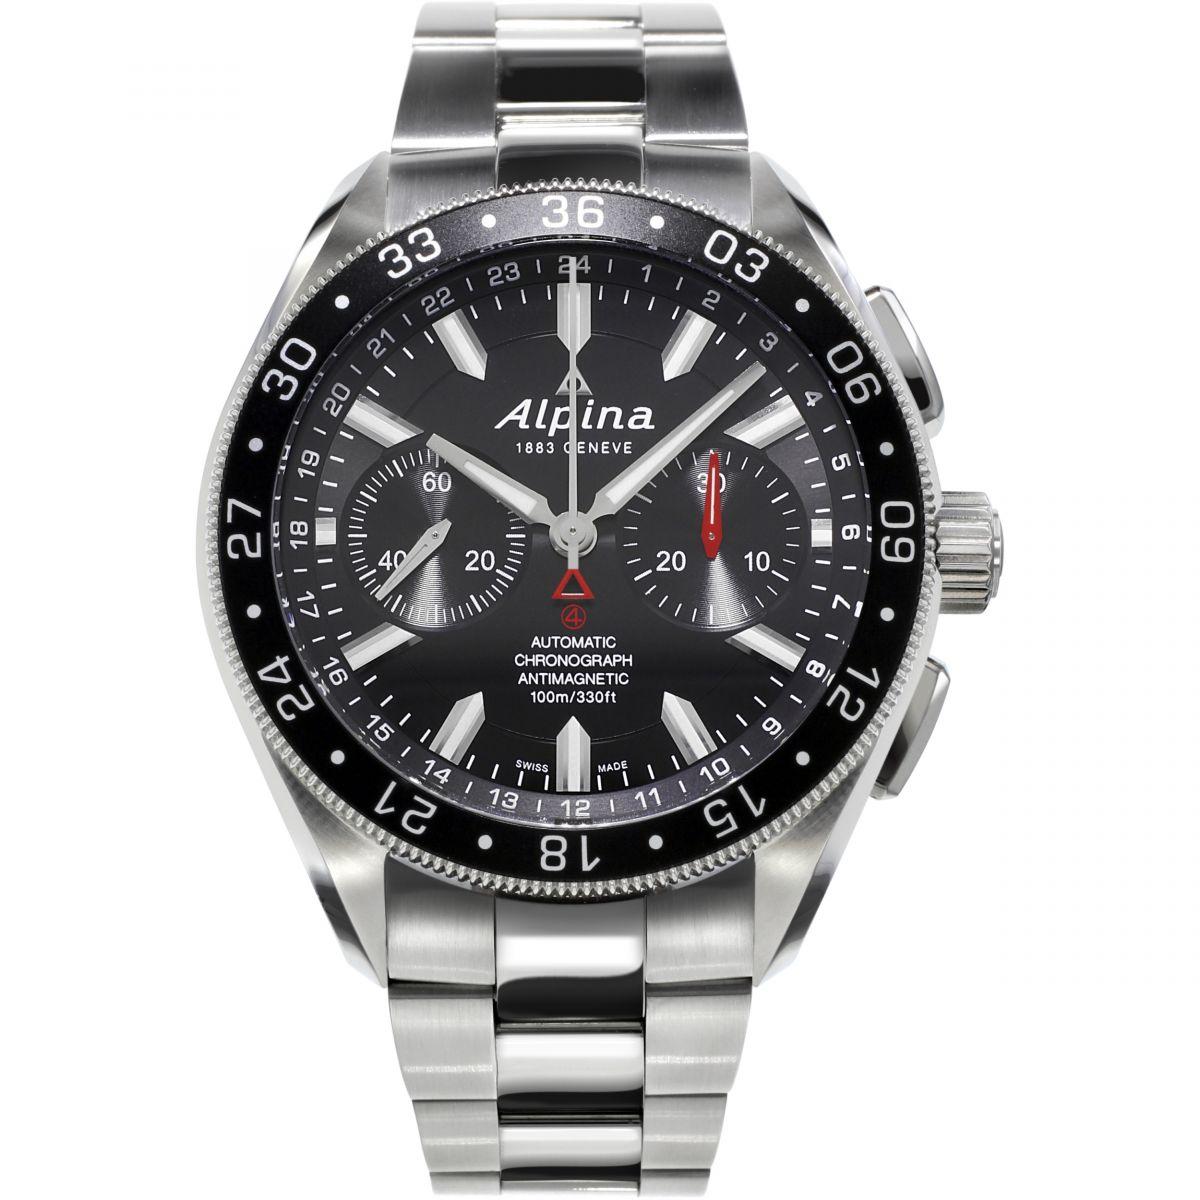 montres alpina homme